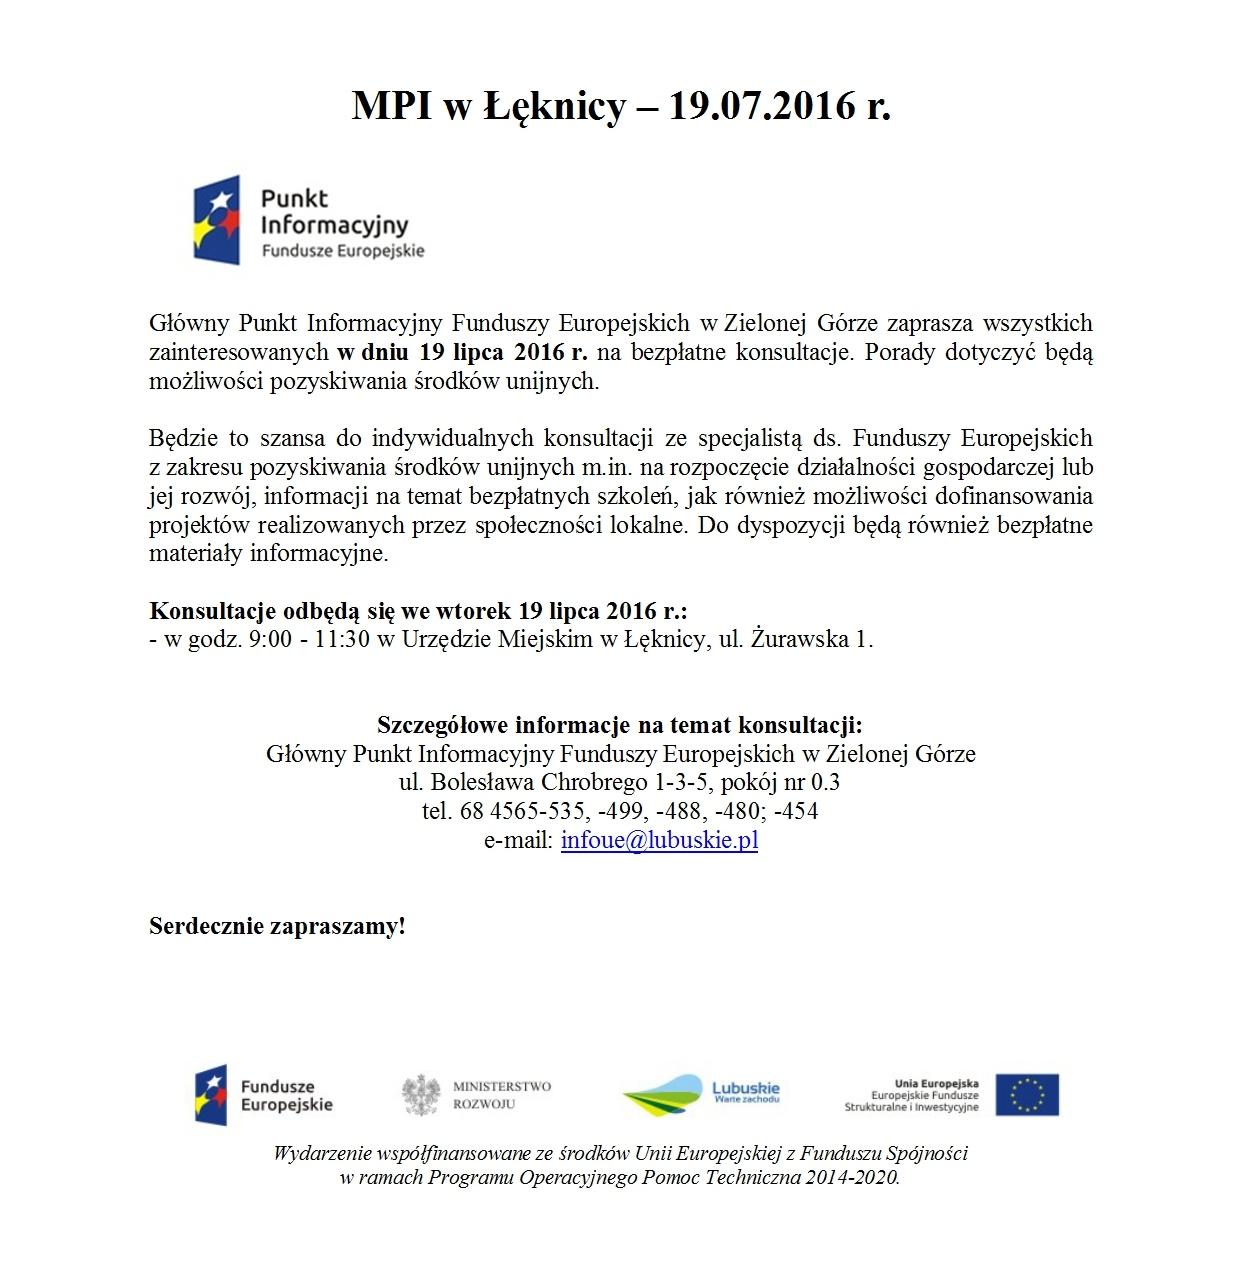 Szansa do indywidualnych konsultacji ze specjalistą - Fundusze Europejskie